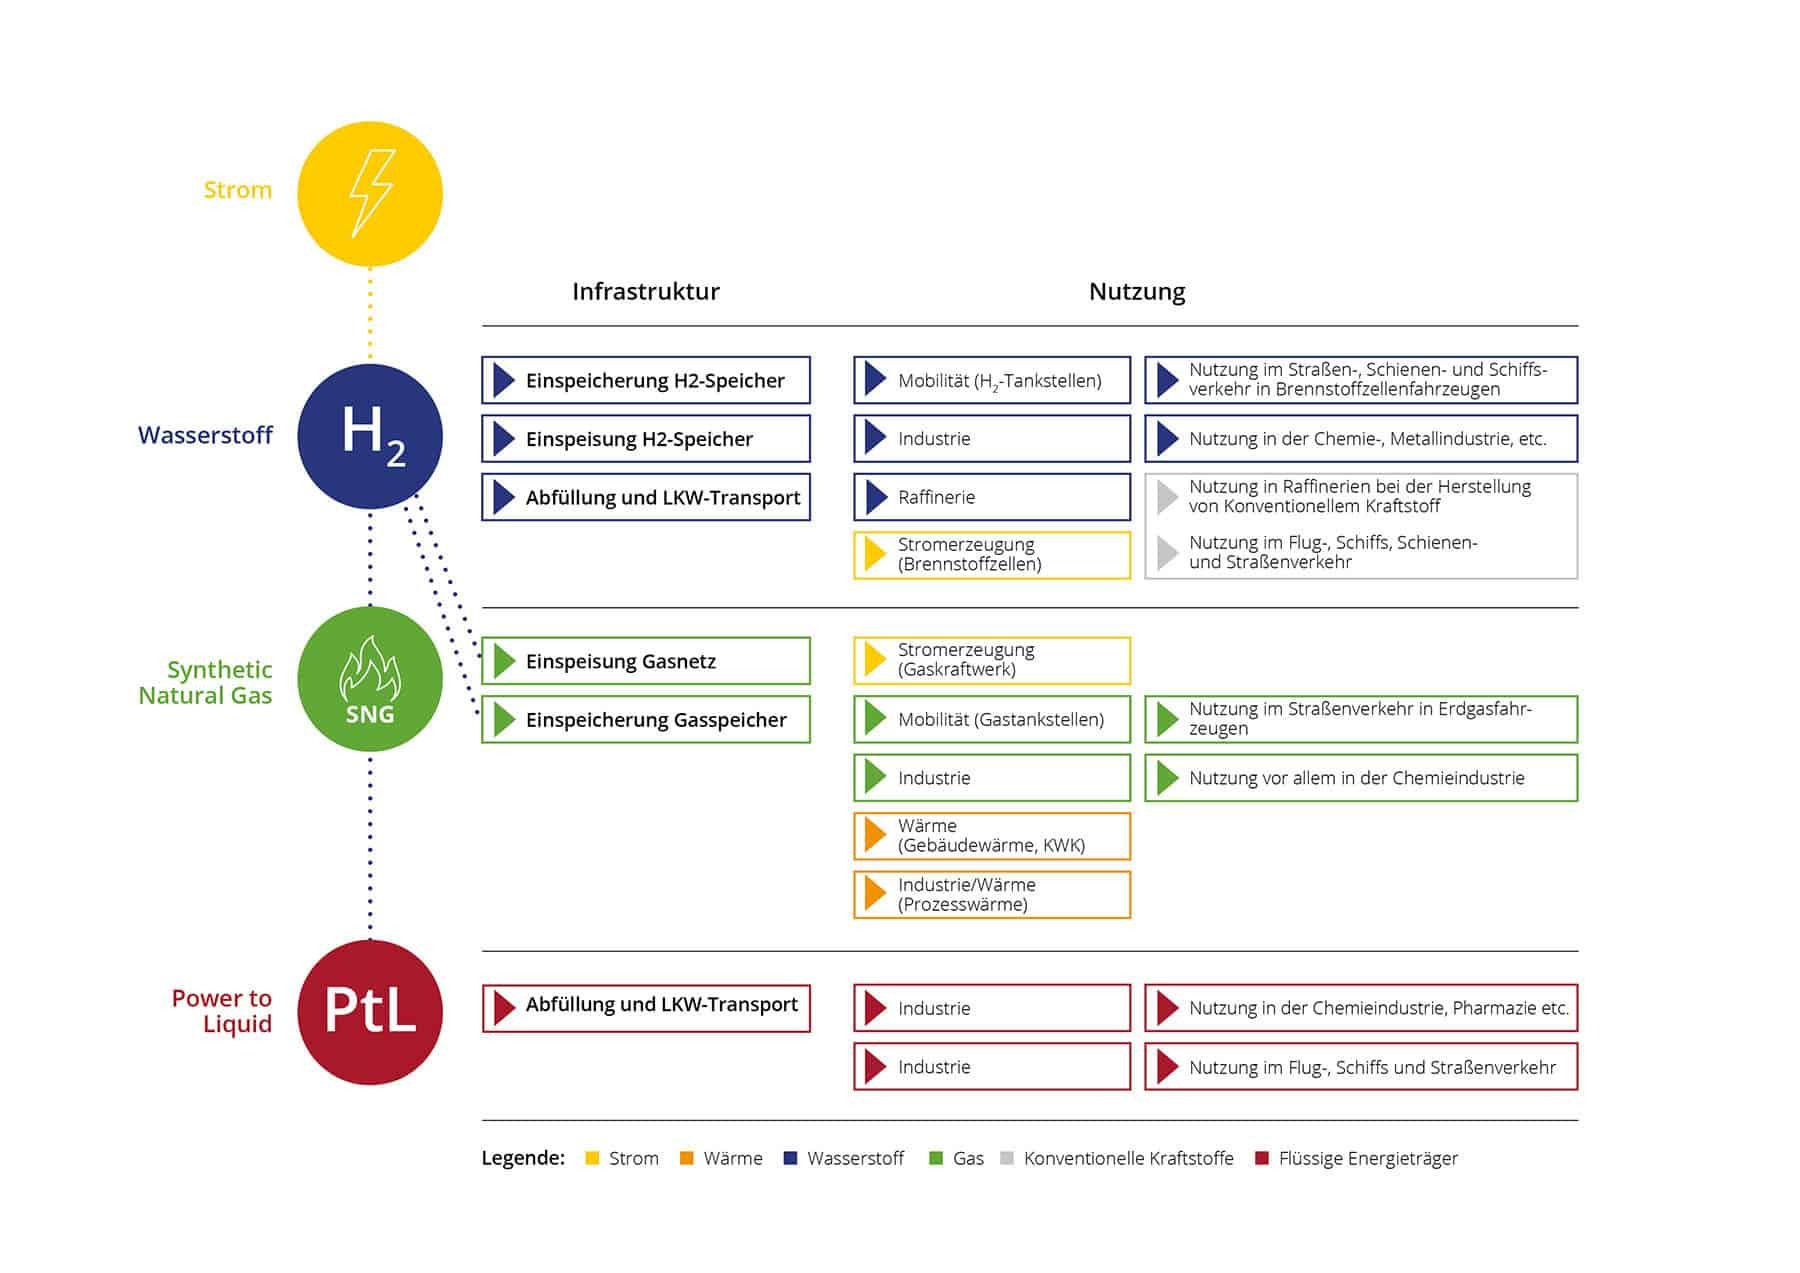 Einsatzmöglichkeiten für Gase aus erneuerbar erzeugtem Strom